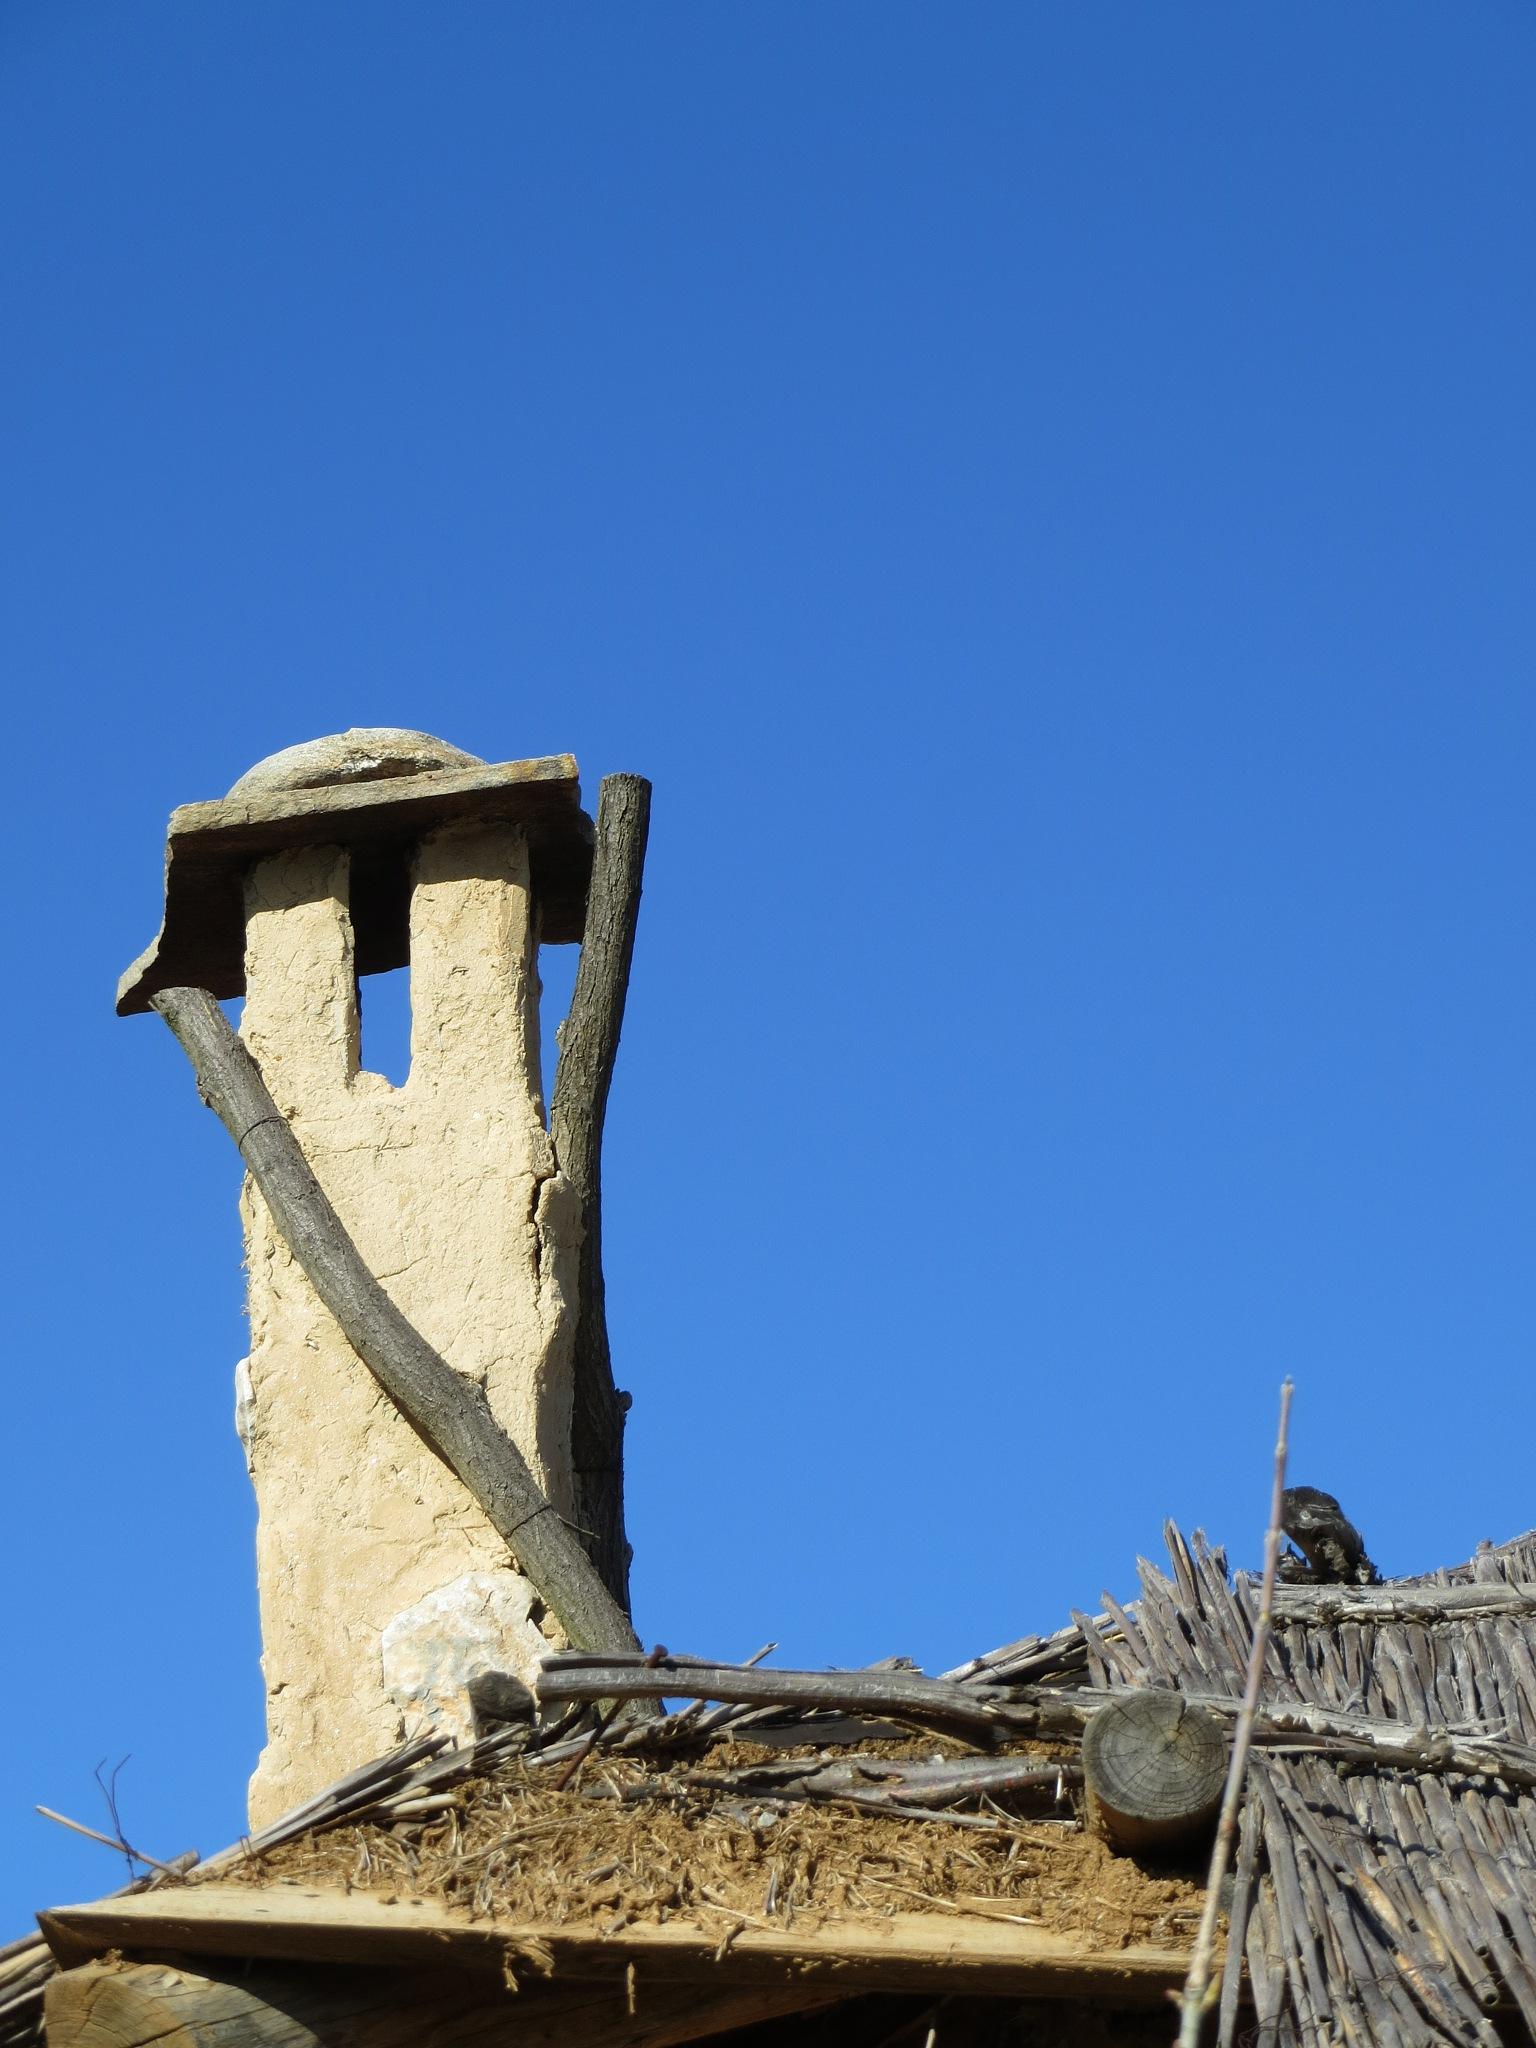 old chimney 1 by kamelk